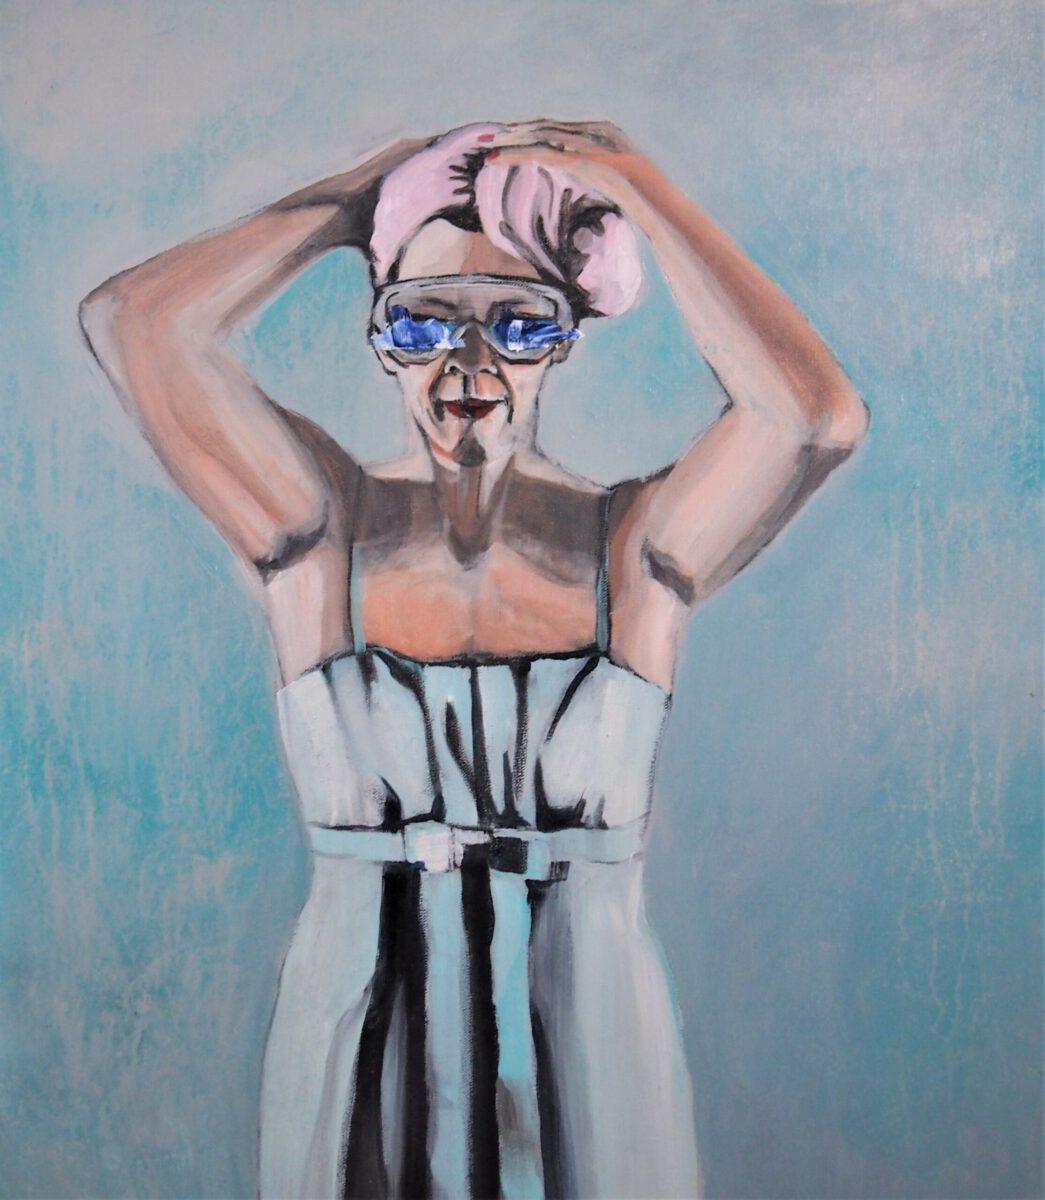 Alexandra Gebhart: Vor dem Sprung ins kalte Wasser. Acryl/Oel auf Leinwand 60x70